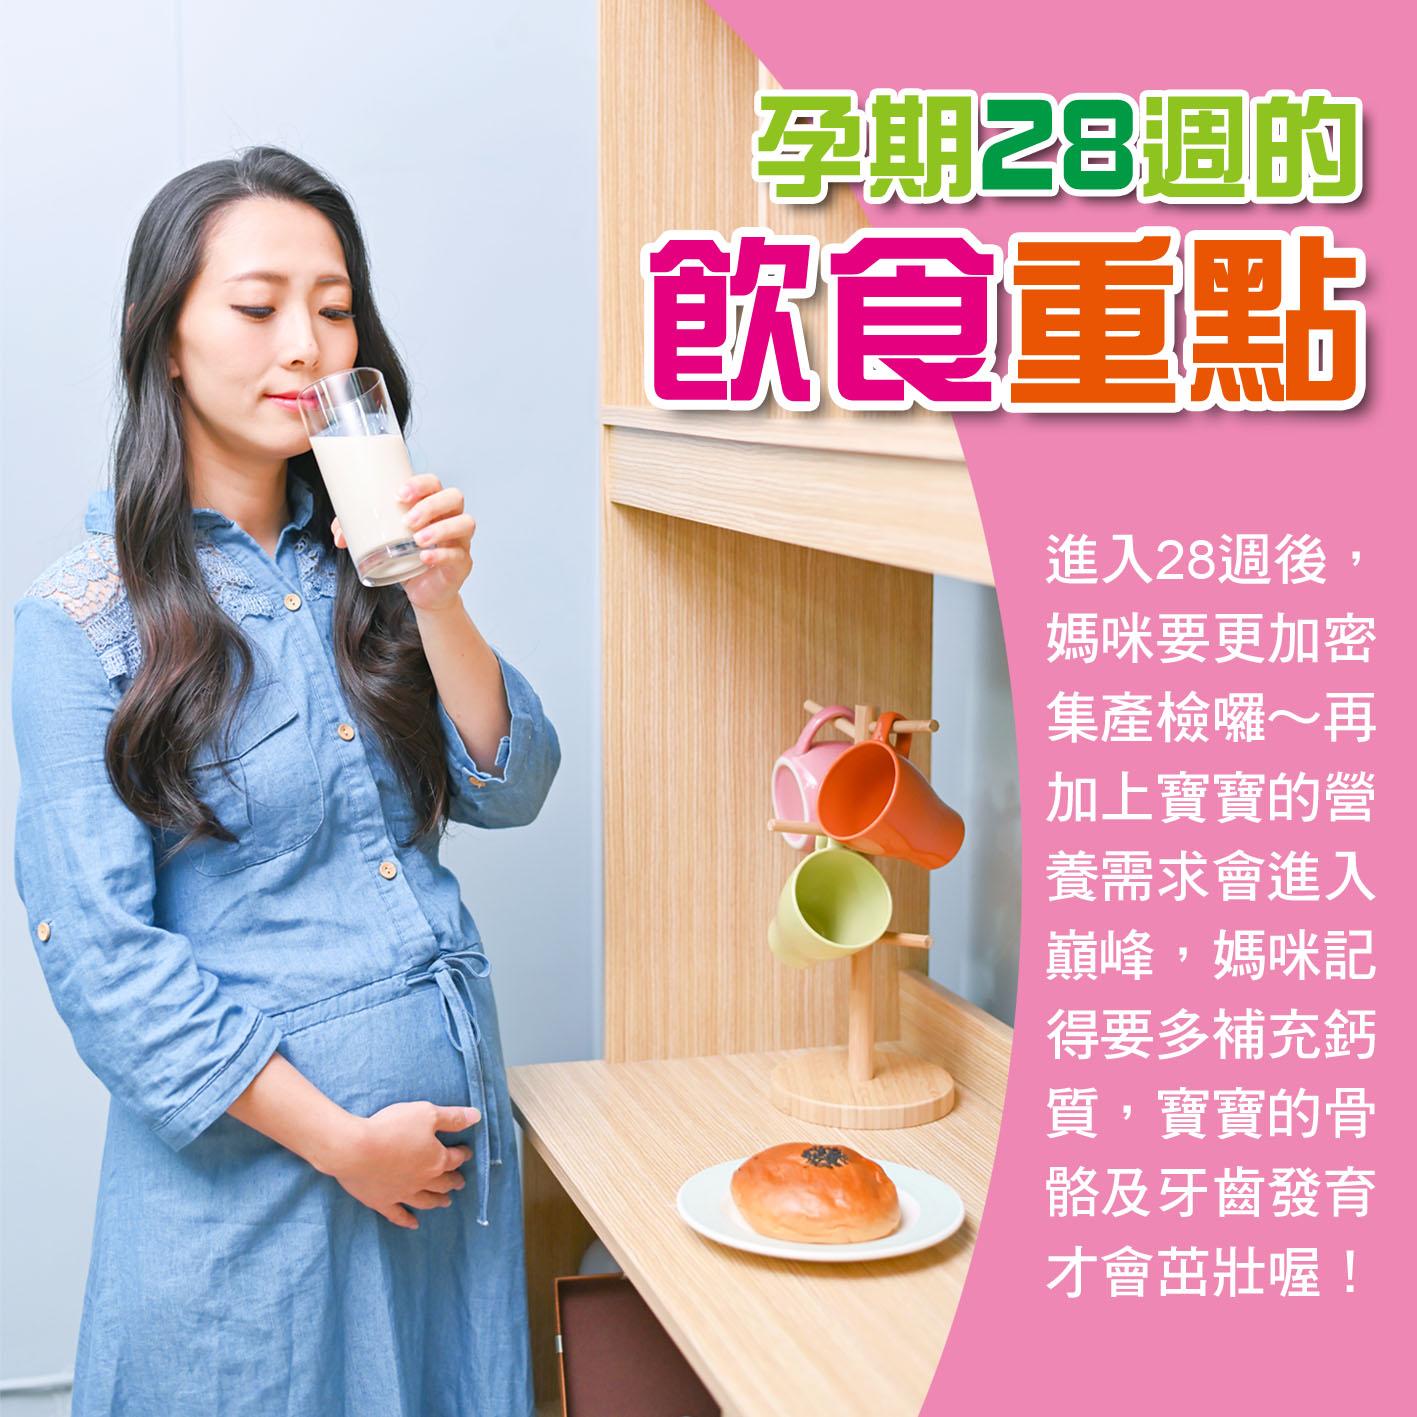 懷孕第28週-孕期28週的飲食重點